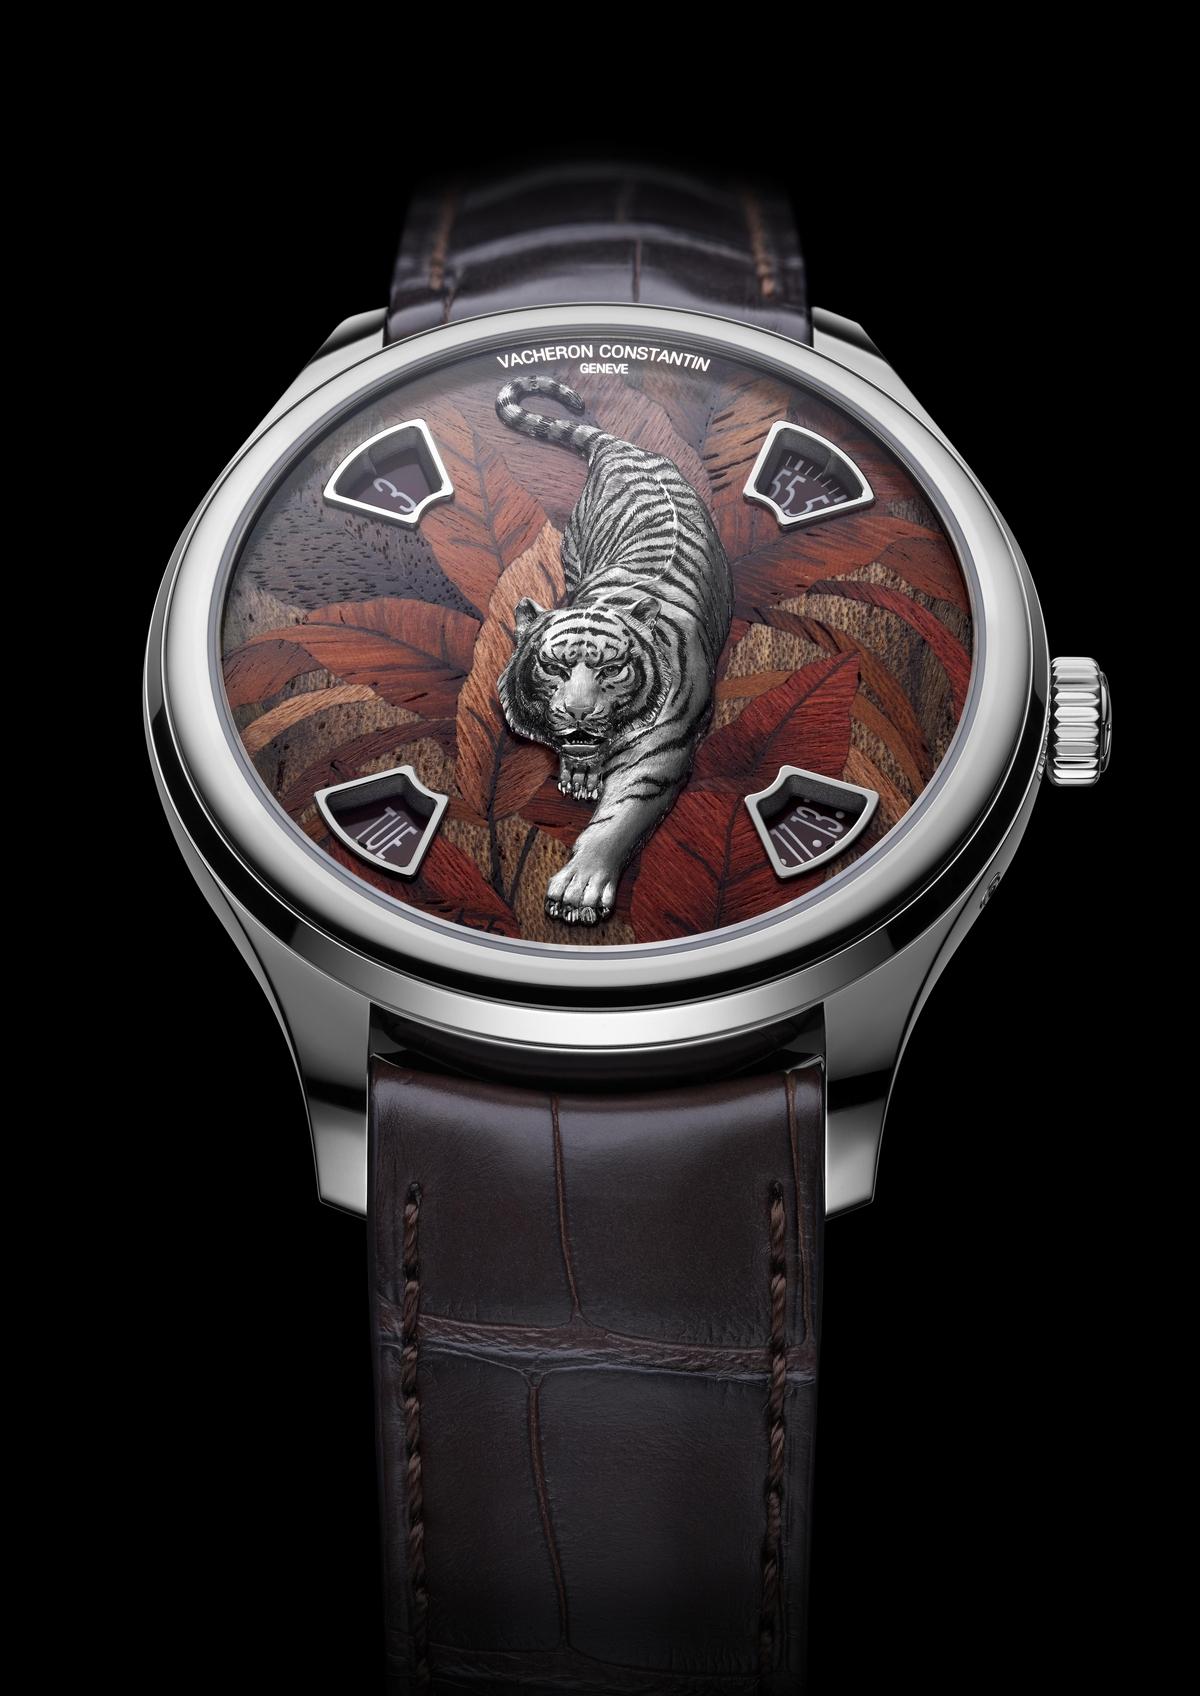 明潮玩錶 X SIHH:造形/型—風格的誕生 2019日內瓦高級鐘錶展